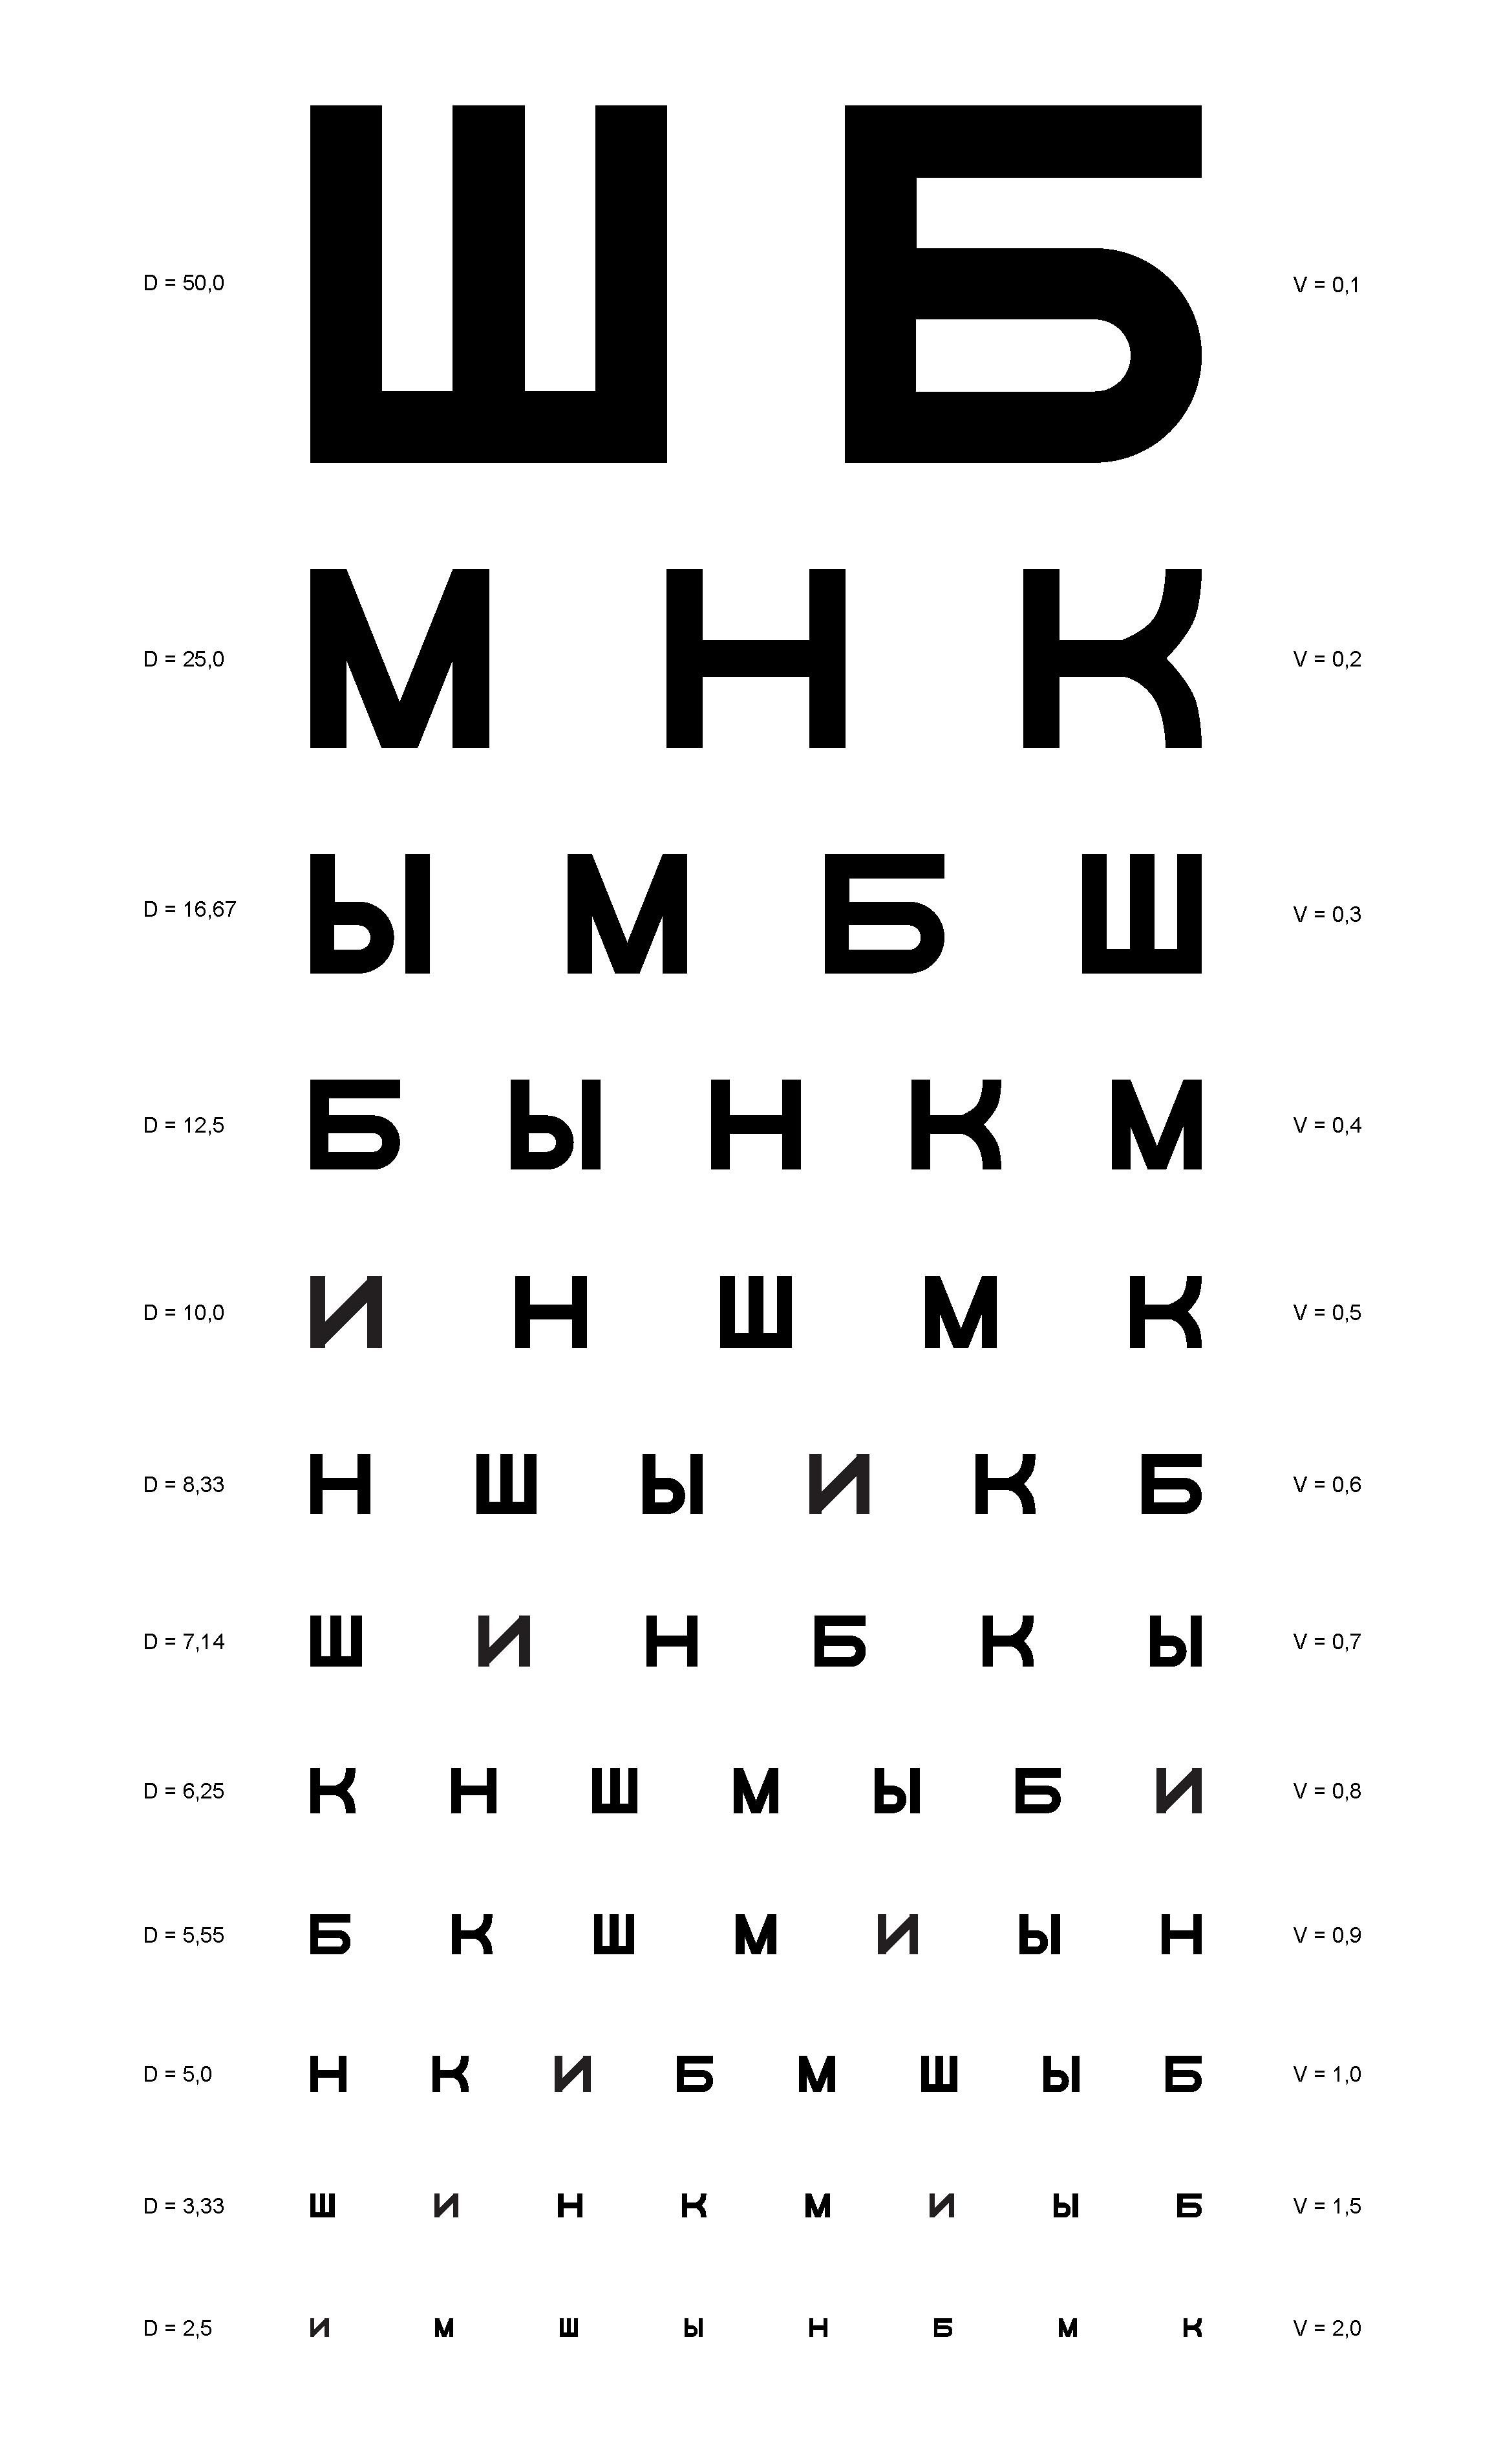 проверка зрения. картинки